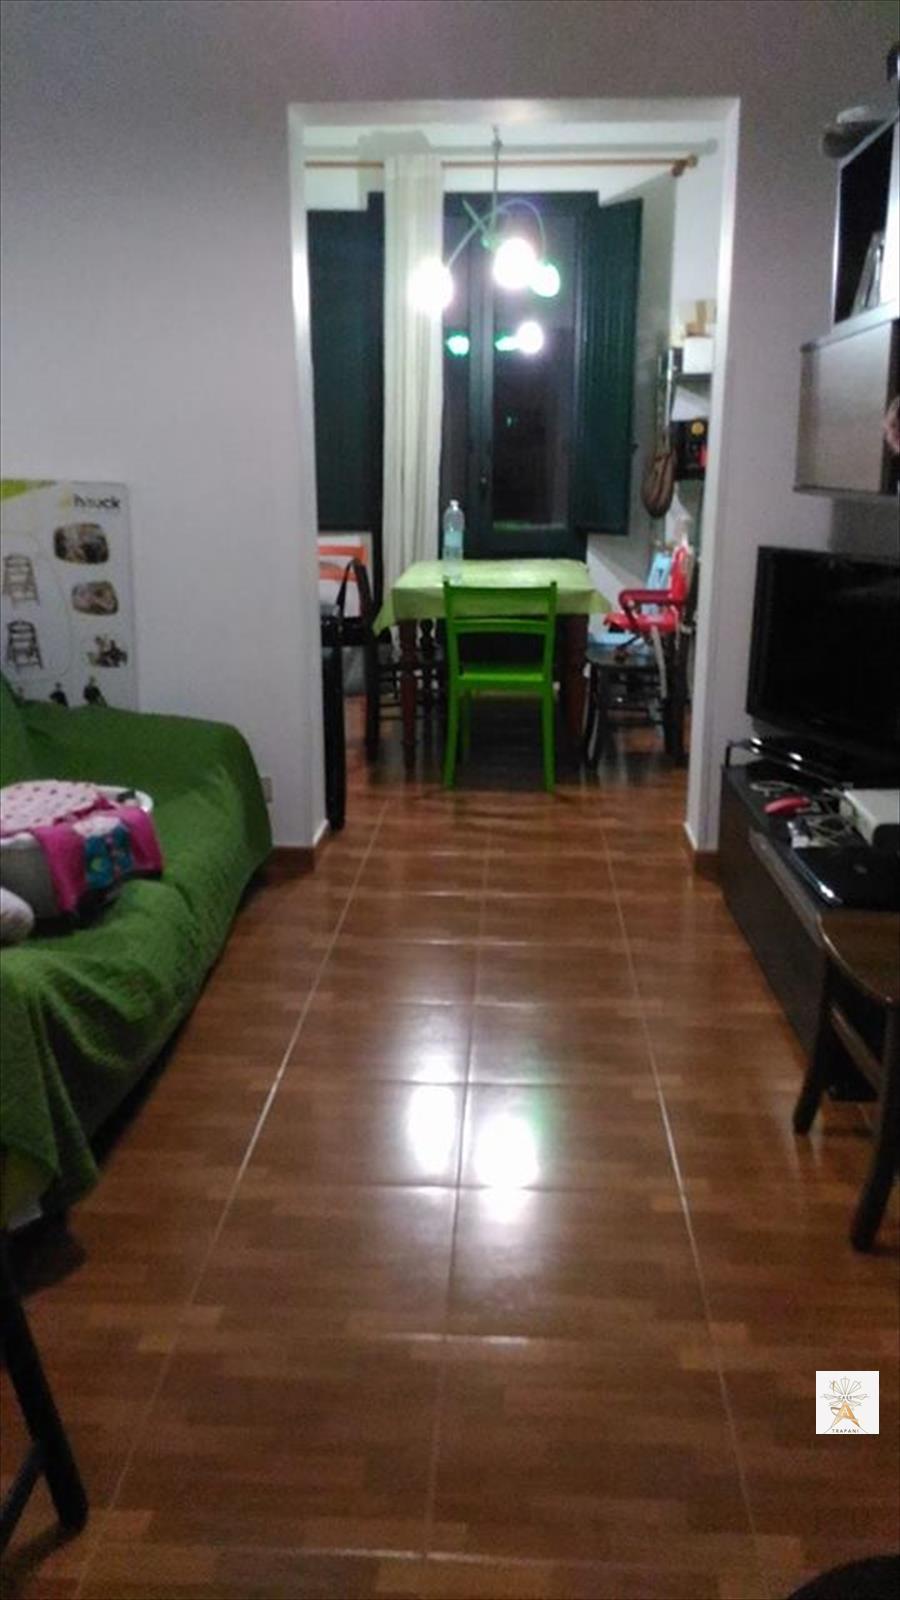 Appartamento in vendita a Trapani, 2 locali, prezzo € 55.000 | Cambio Casa.it